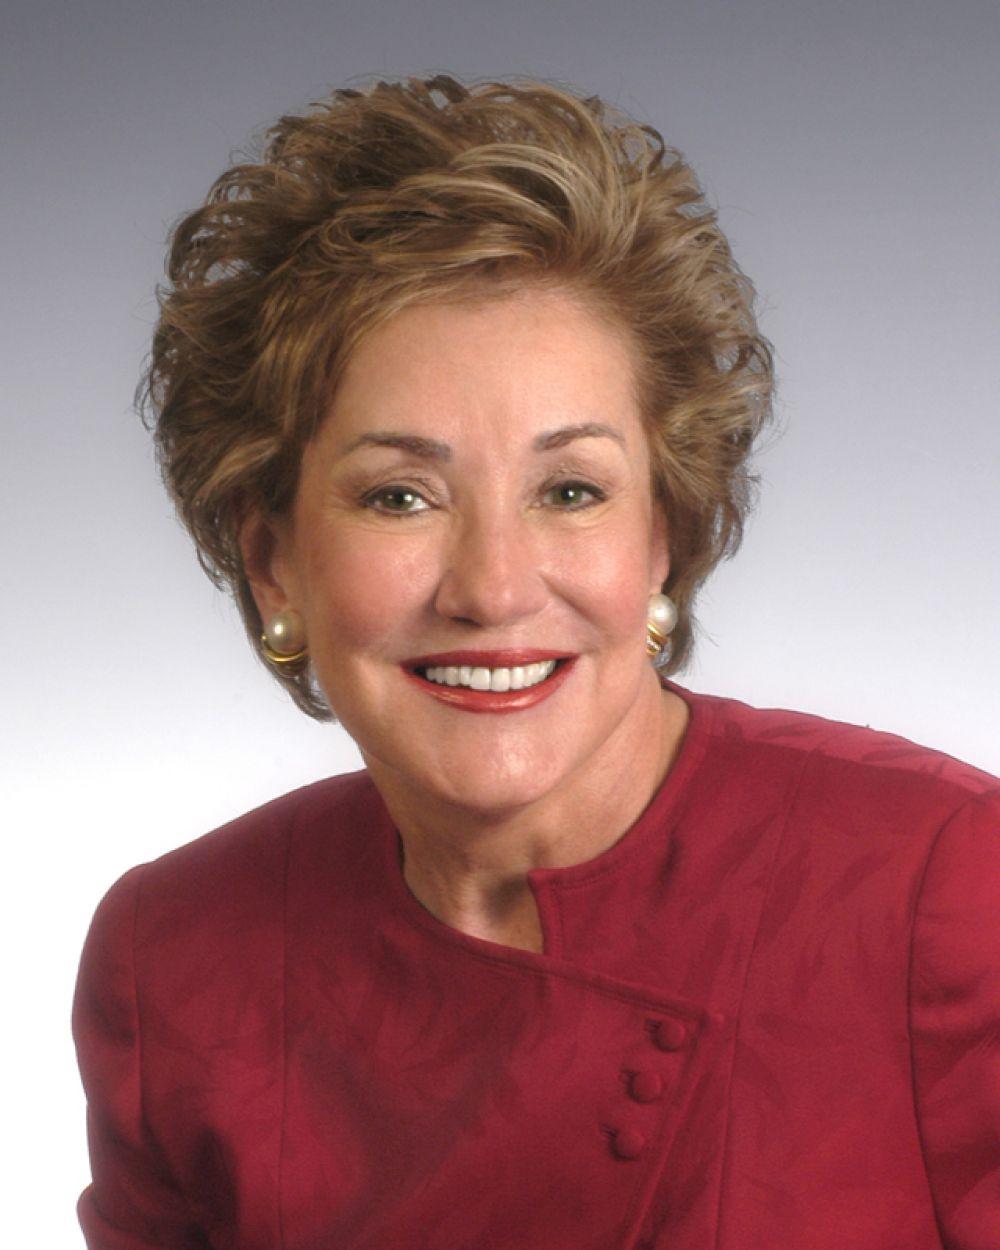 Во время президентских выборов 2000 года Элизабет Доул выдвигала свою кандидатуру от Республиканской партии вслед за Джорджем Бушем, но сняла свою кандидатуру по причине нехватки средств на предвыборную кампанию.